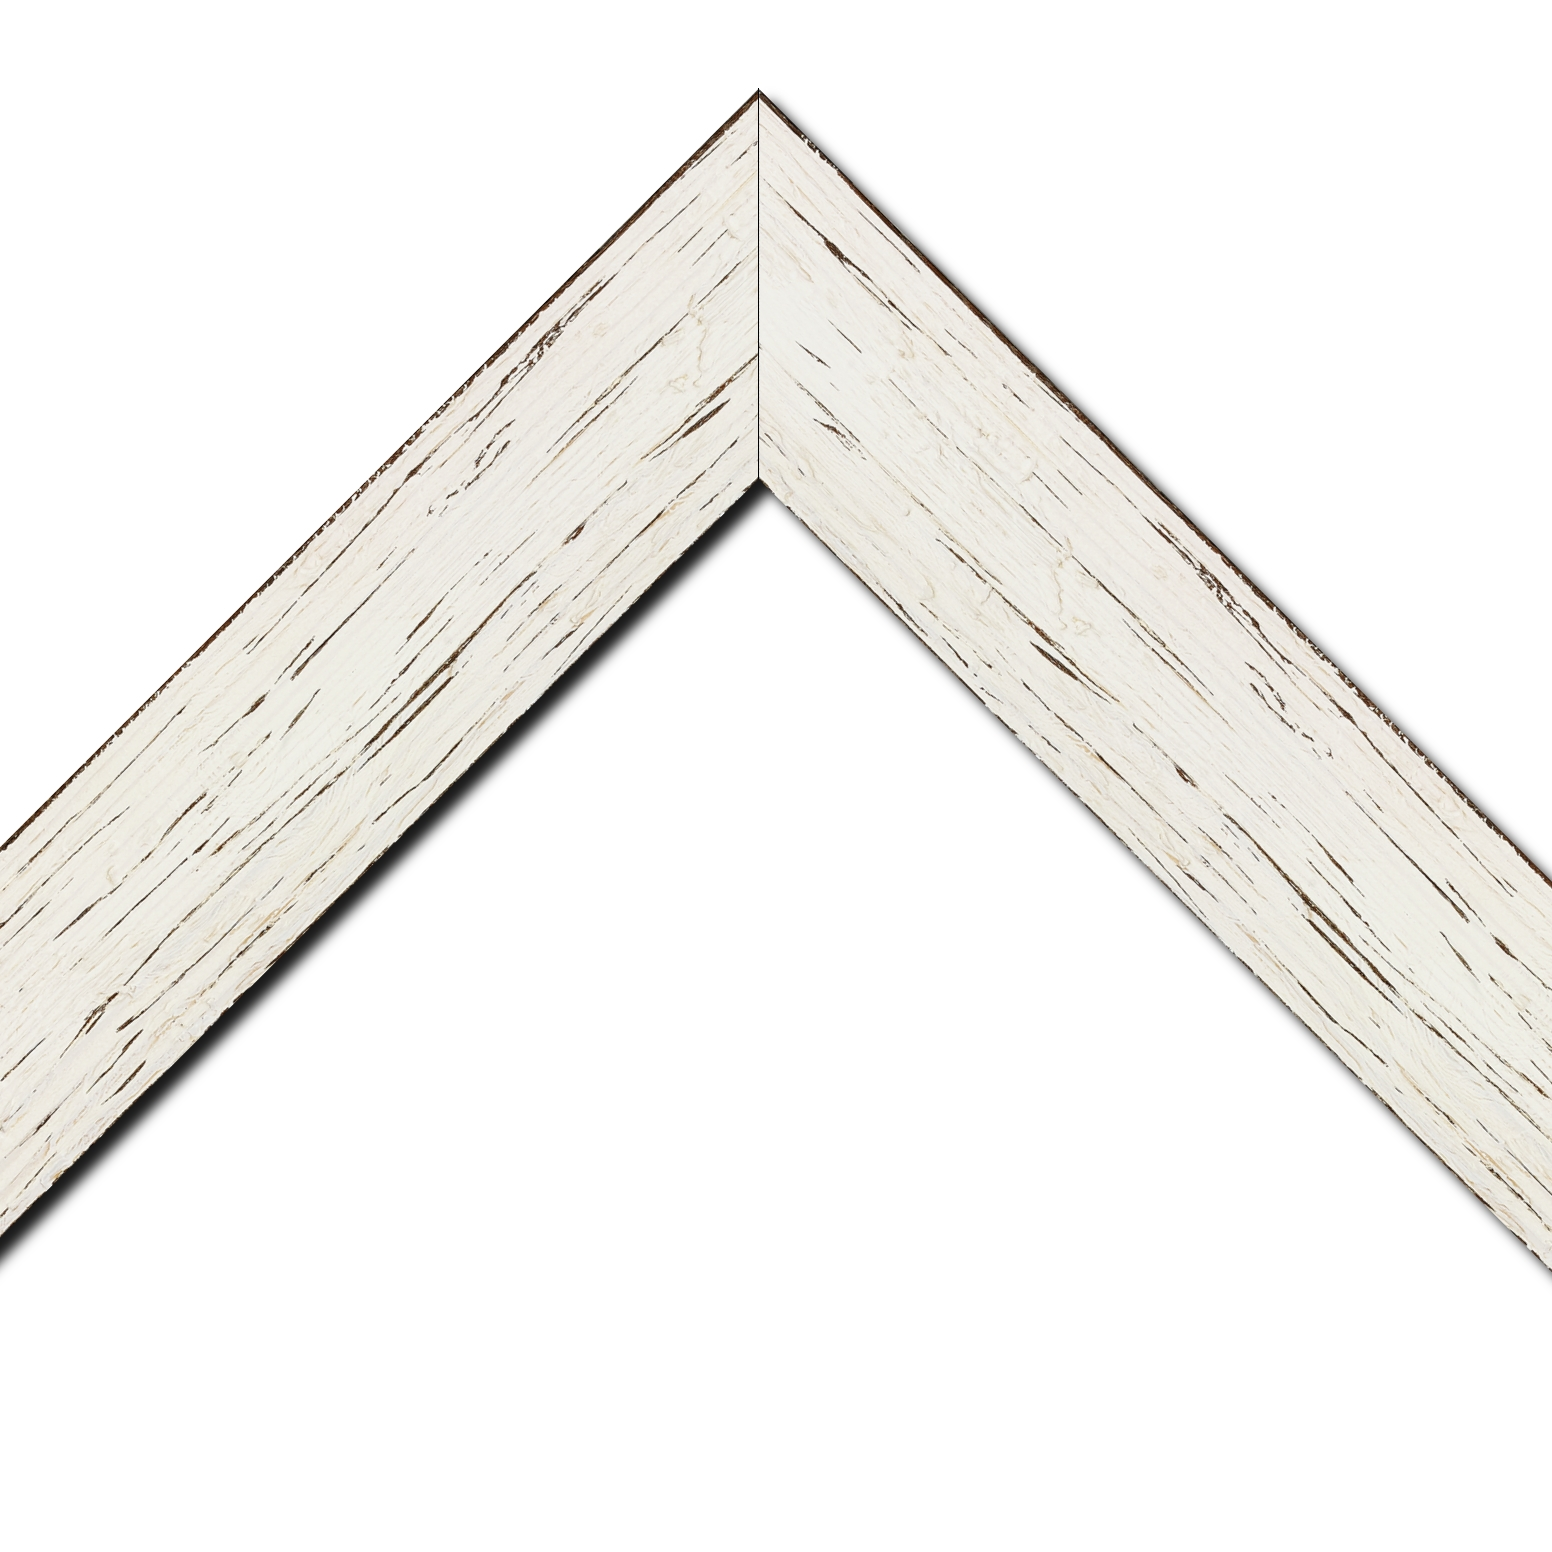 Baguette bois profil plat largeur 6.7cm couleur blanchie finition aspect vieilli antique